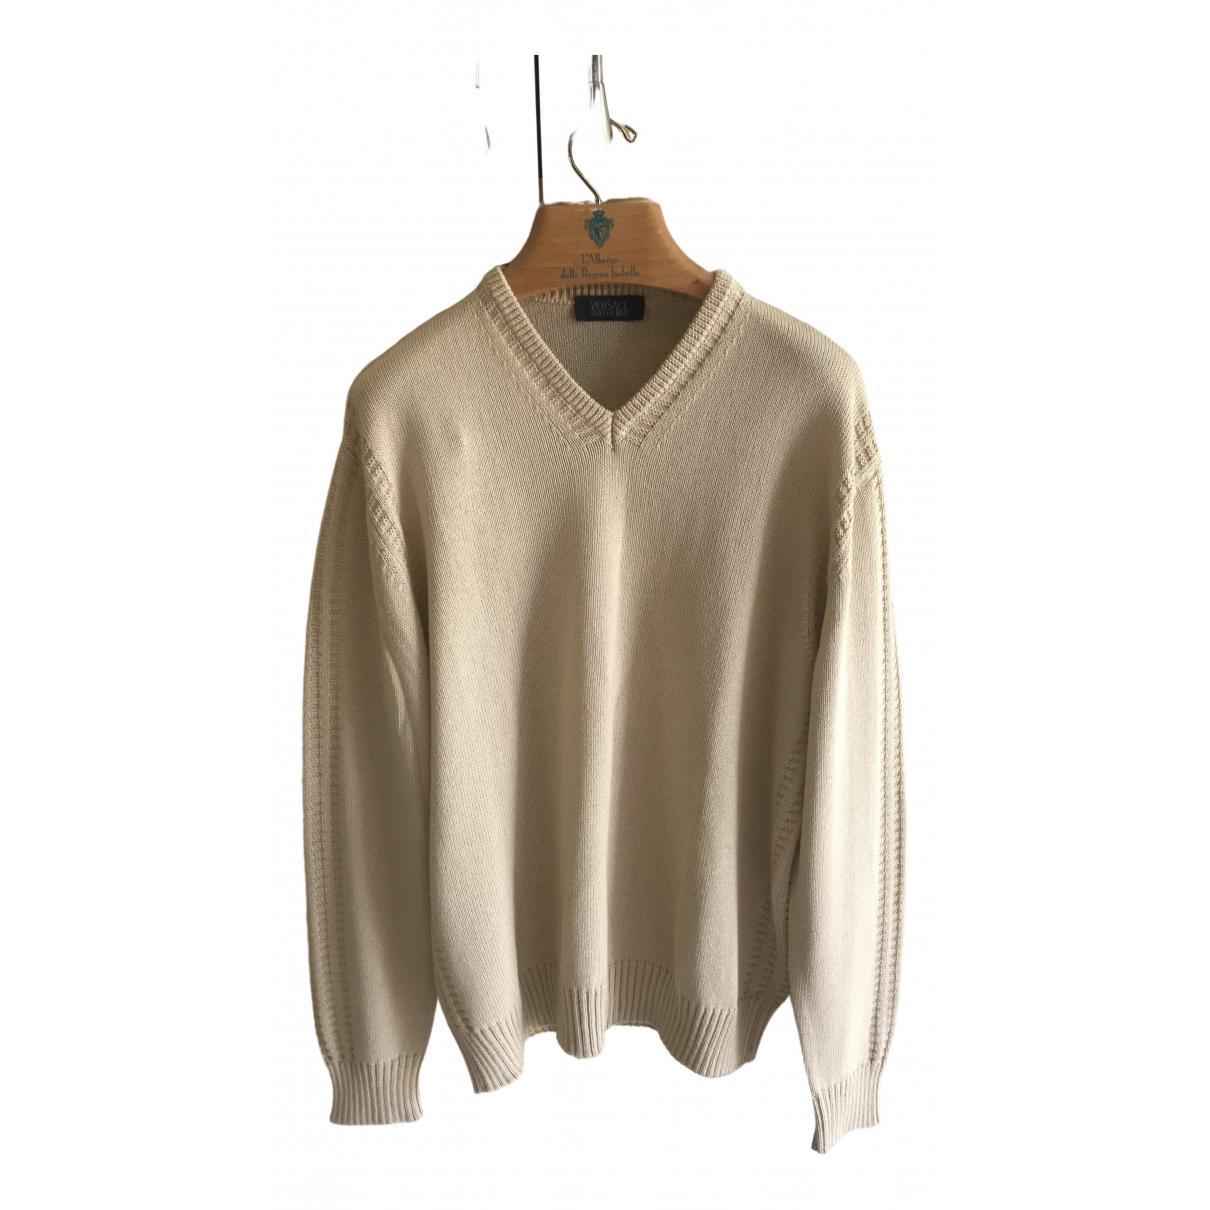 Versace - Pulls.Gilets.Sweats   pour homme - beige